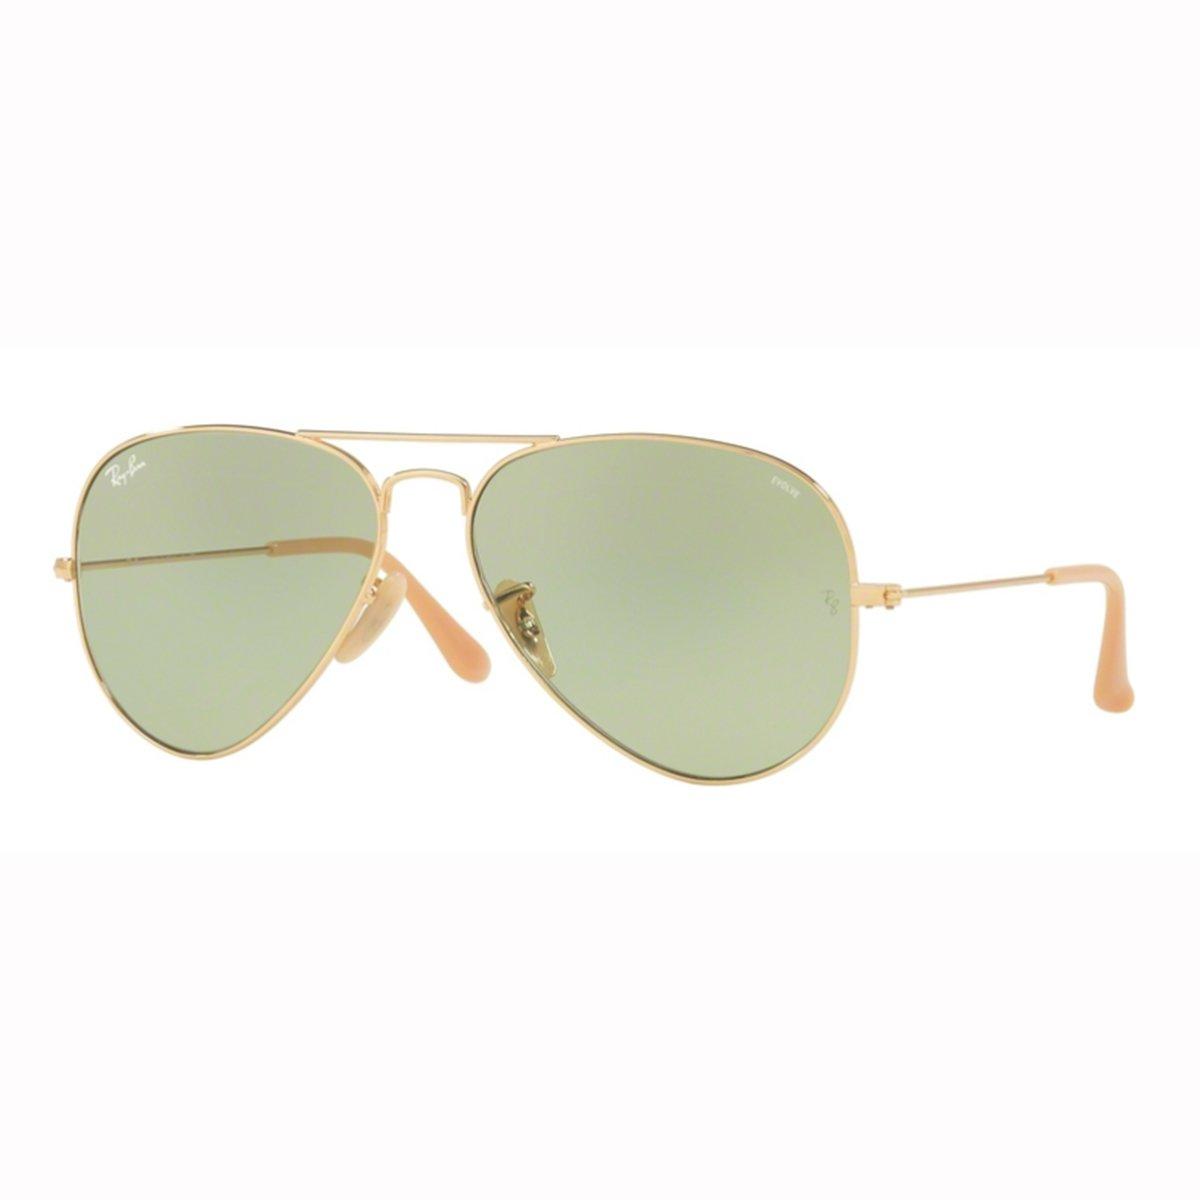 9182adc766134 Comprar Óculos de Sol Ray Ban Aviador